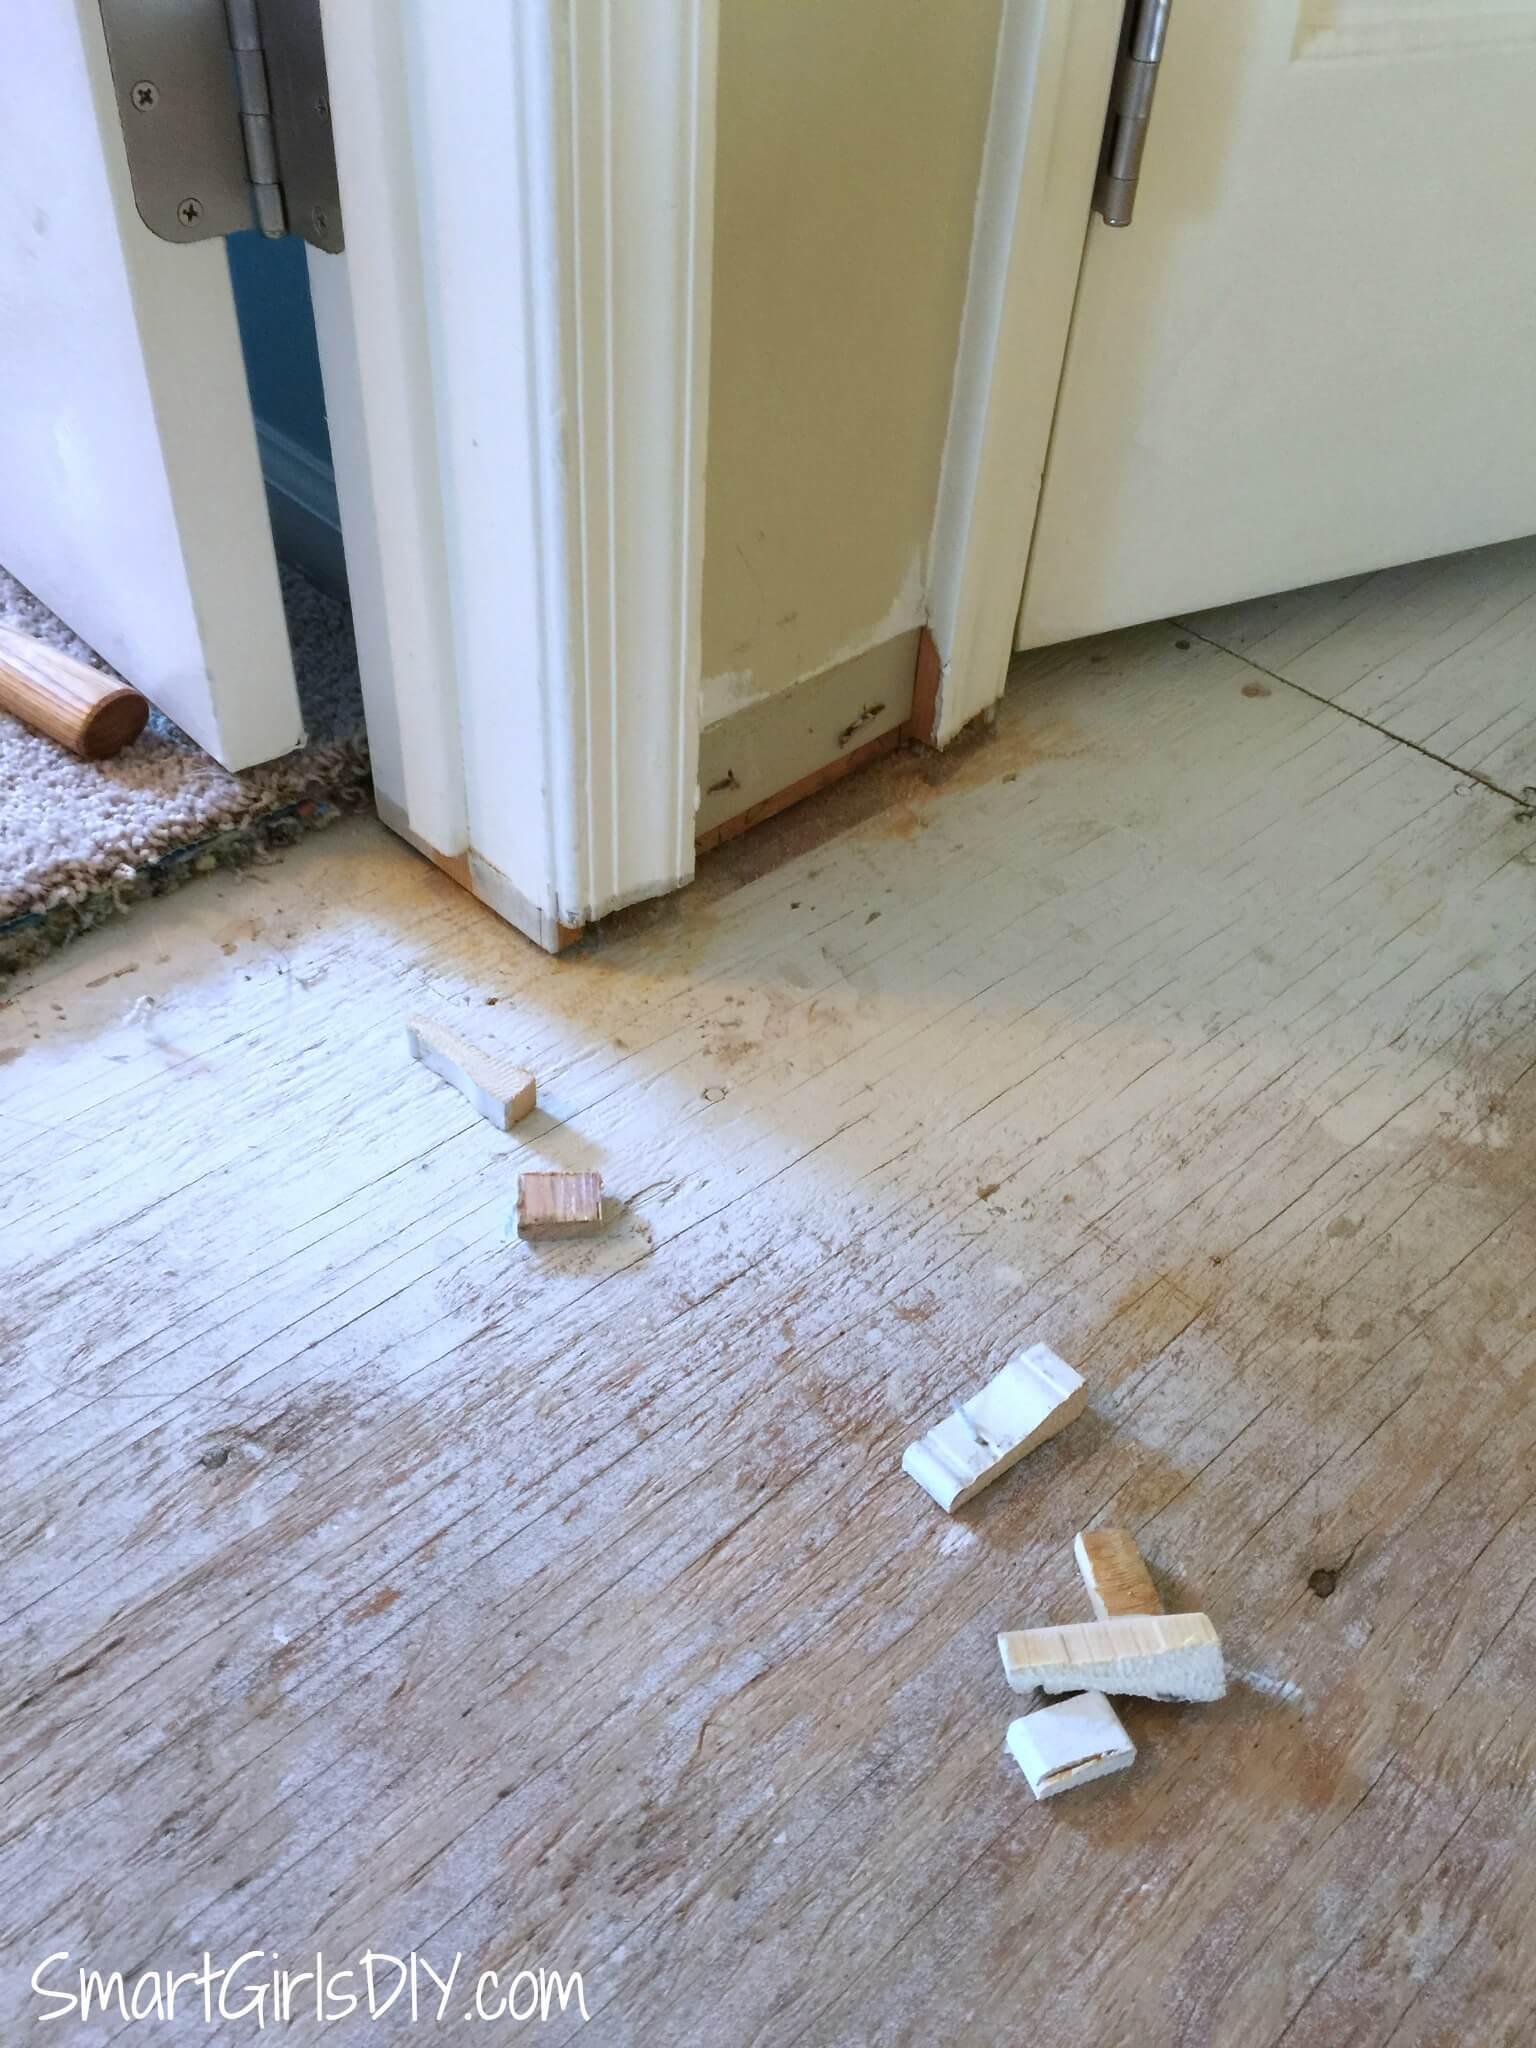 hardwood floor nailer psi of upstairs hallway 1 installing hardwood floors for undercut door frames